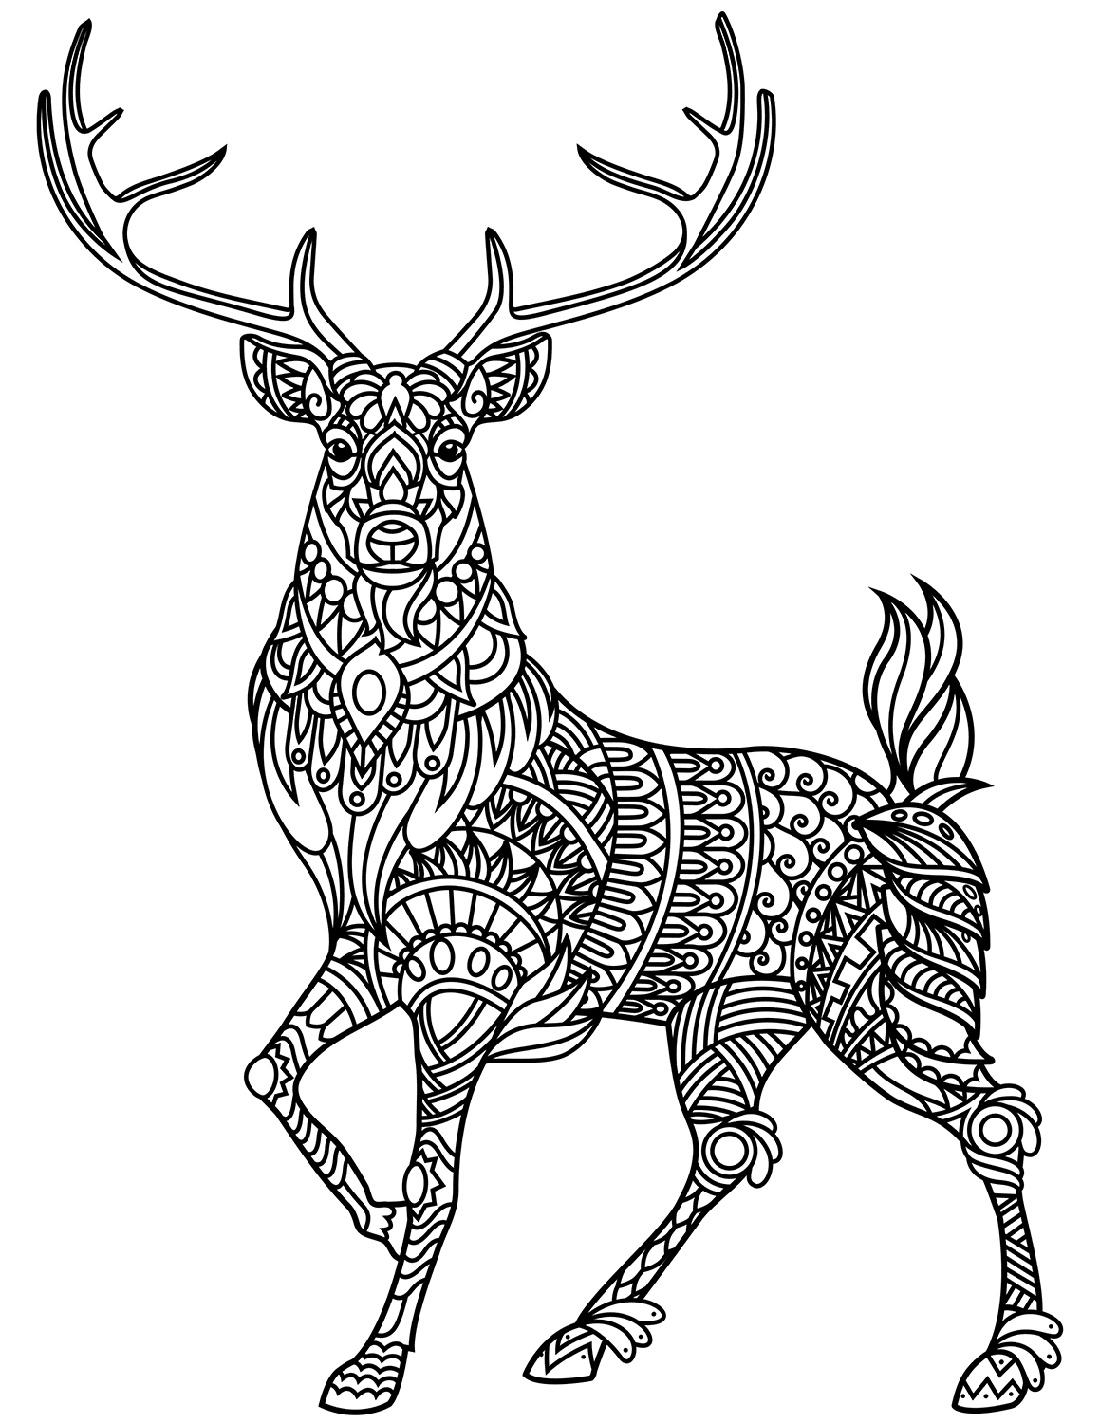 Deer Coloring Pages Zentangle